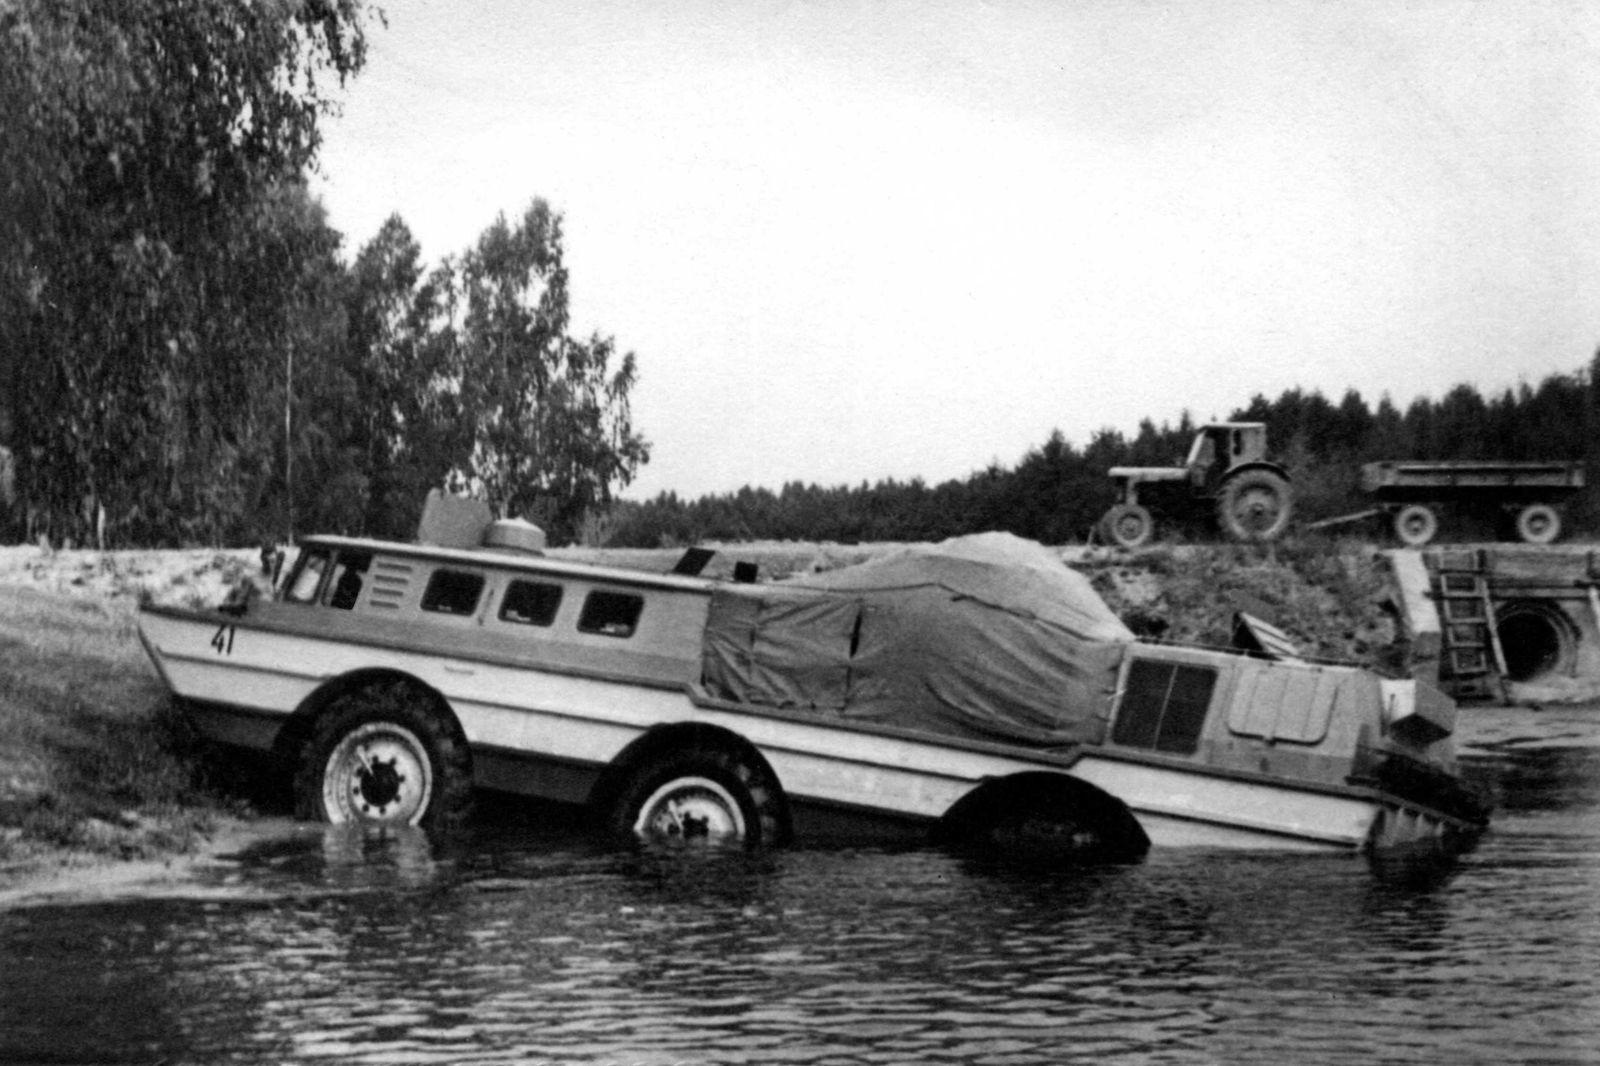 Как на вездеходе ЗИЛ-5901 в конце 60-х впервые в мире появились дисковые тормоза на трансмиссии